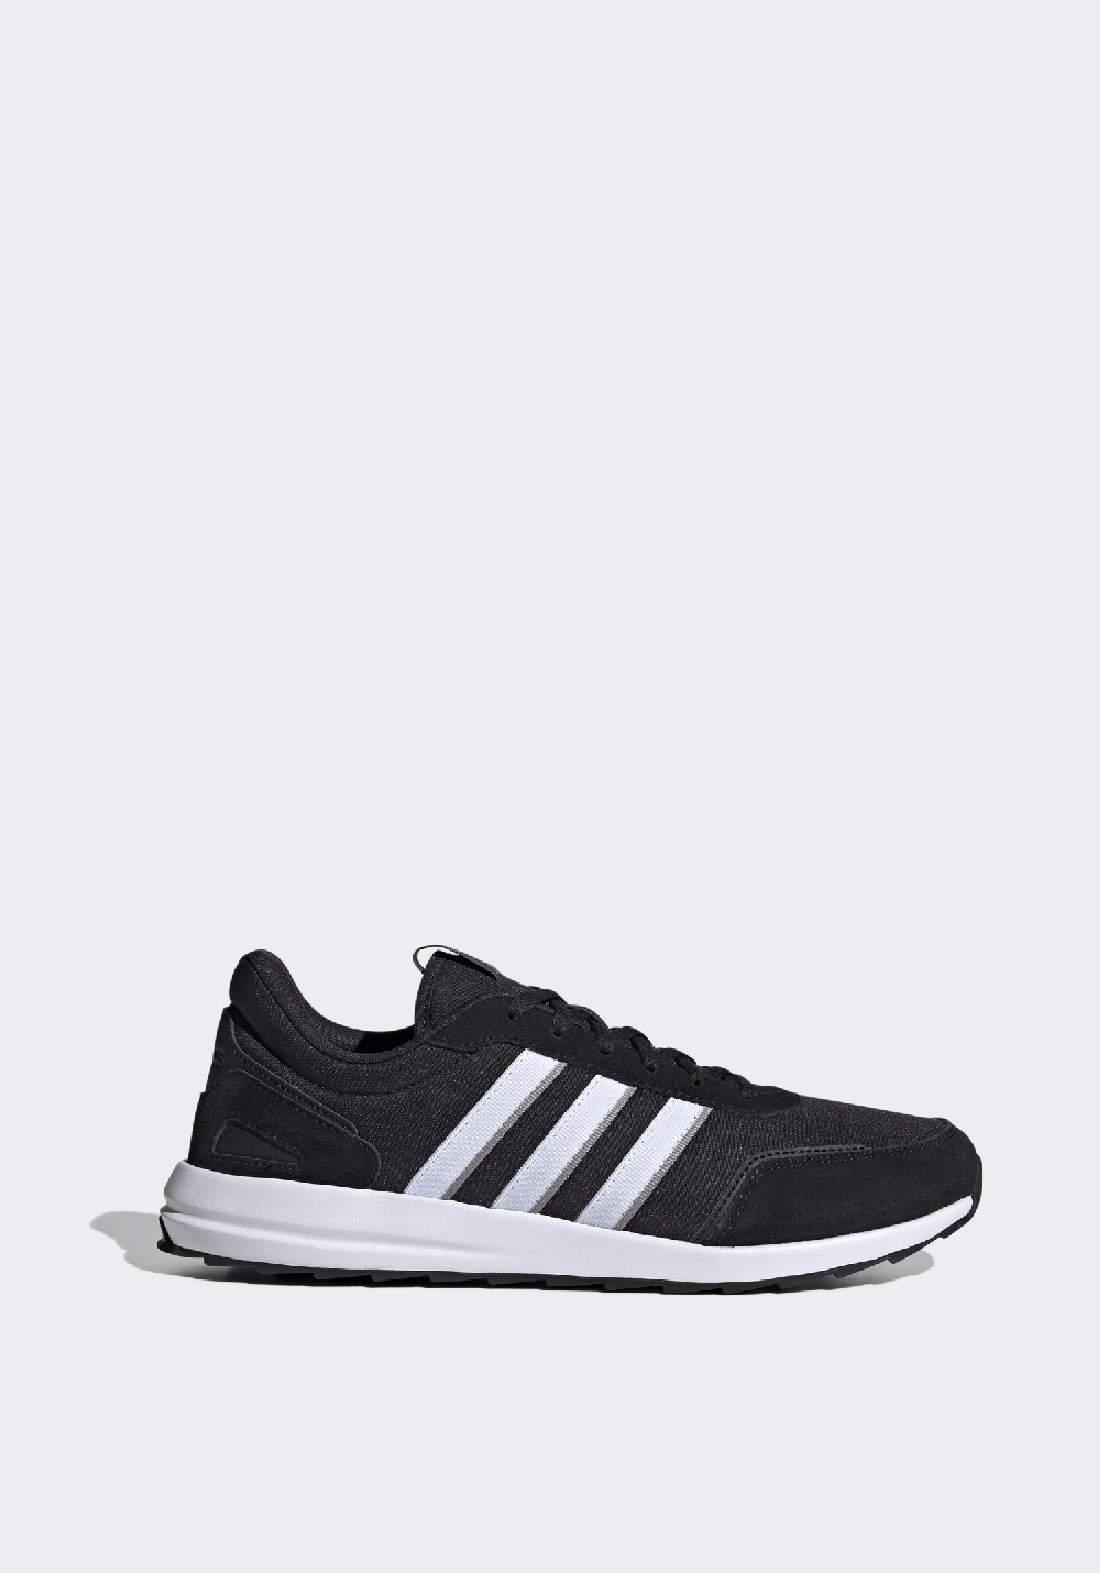 Adidas حذاء رجالي رياضي اسود اللون من